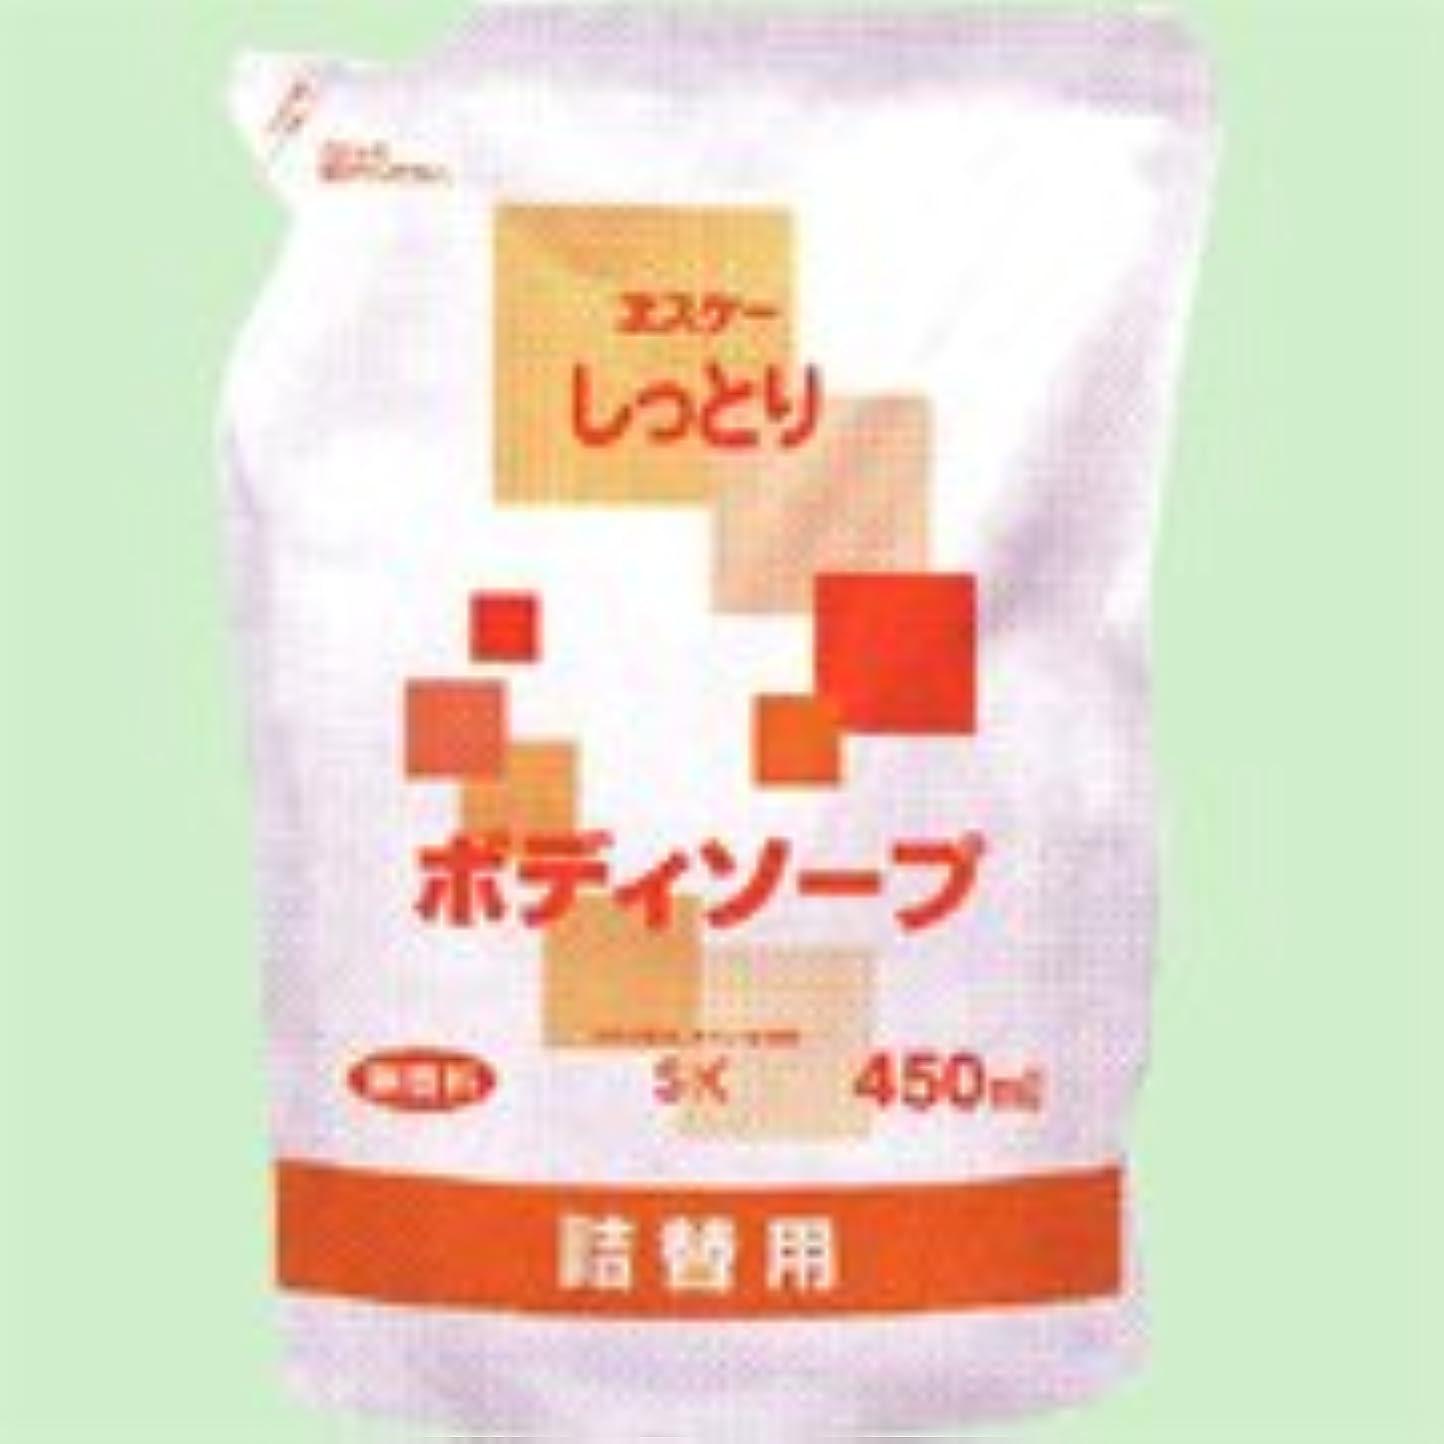 猫背区別セブンしっとりボディソープ詰替用 450ml   エスケー石鹸